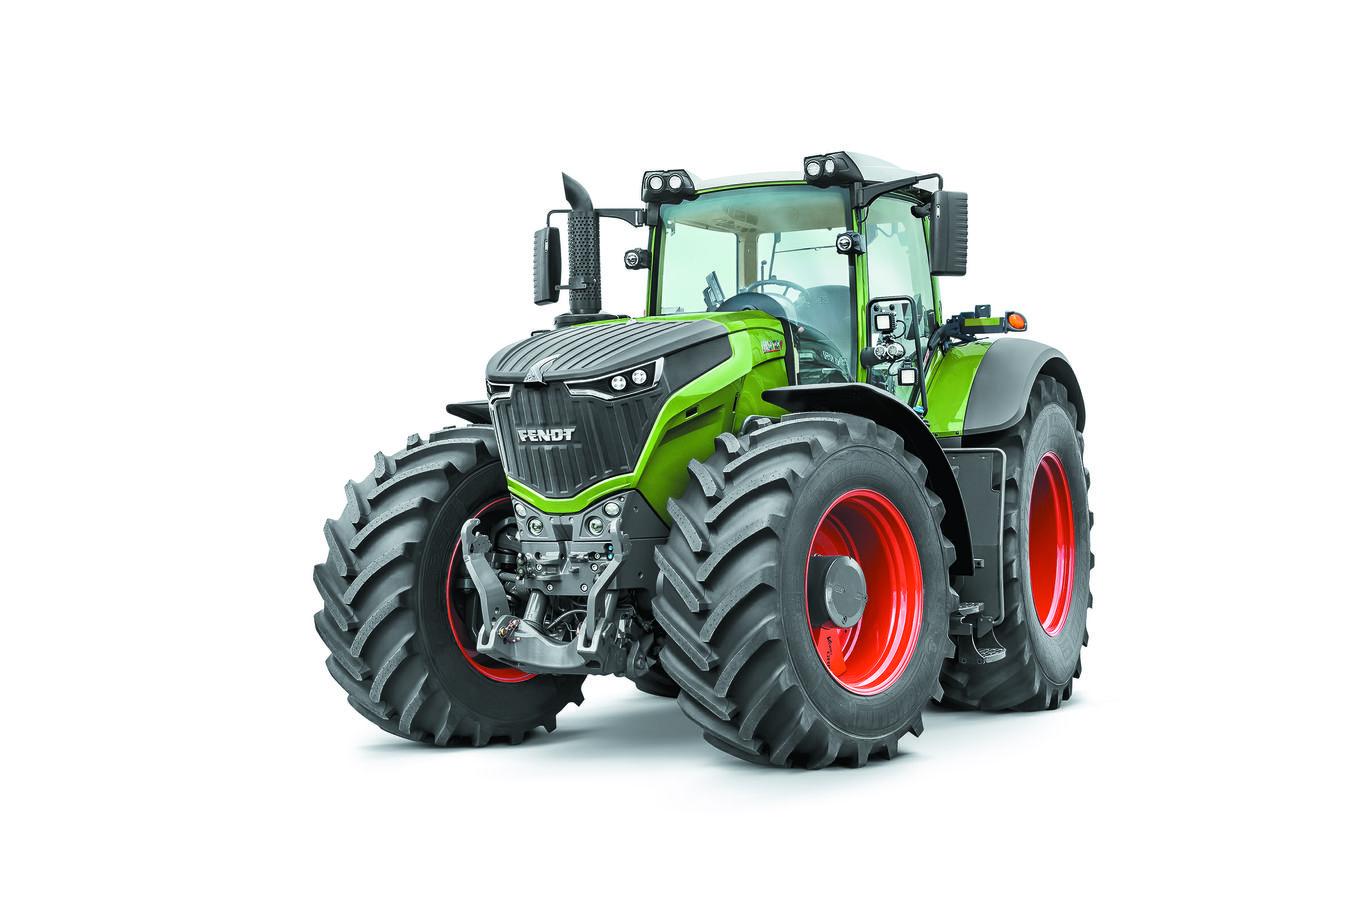 New Agco Tractors : Fendt unveils new vario tractors agco